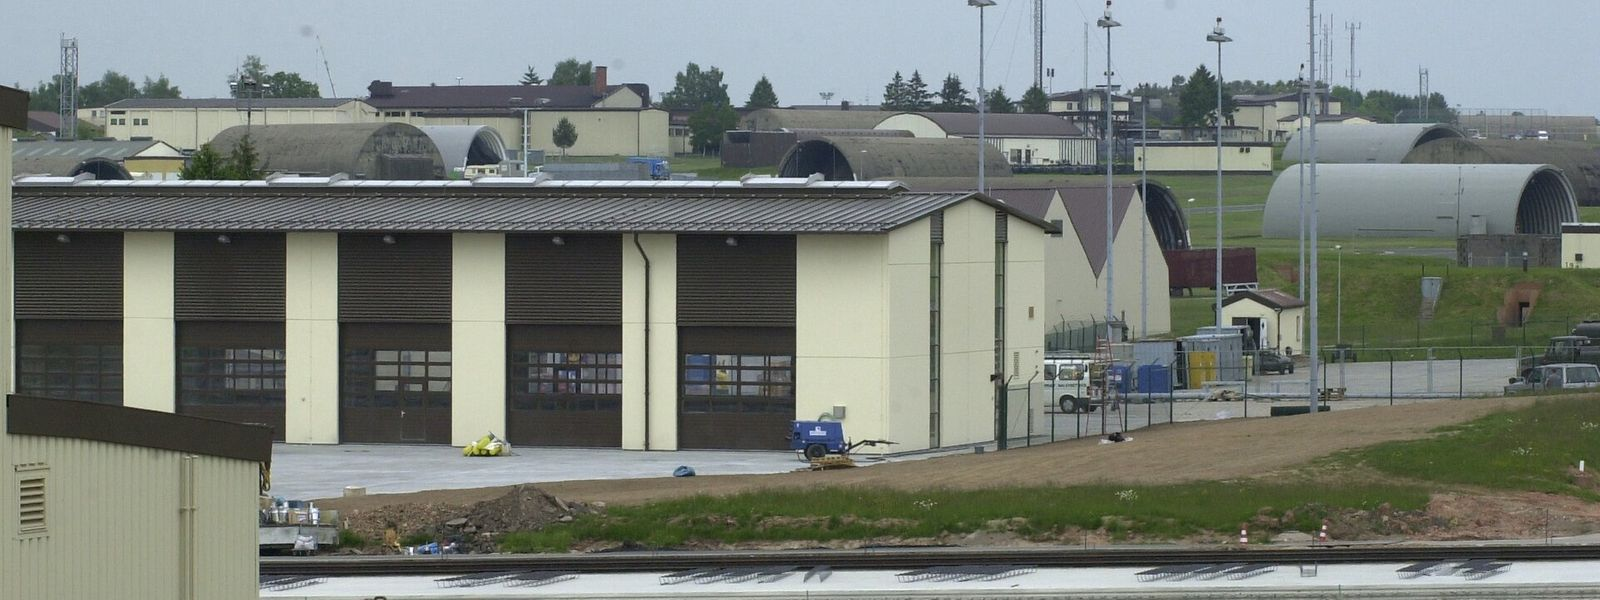 Die US-Airbase in Spangdahlem in der Eifel.